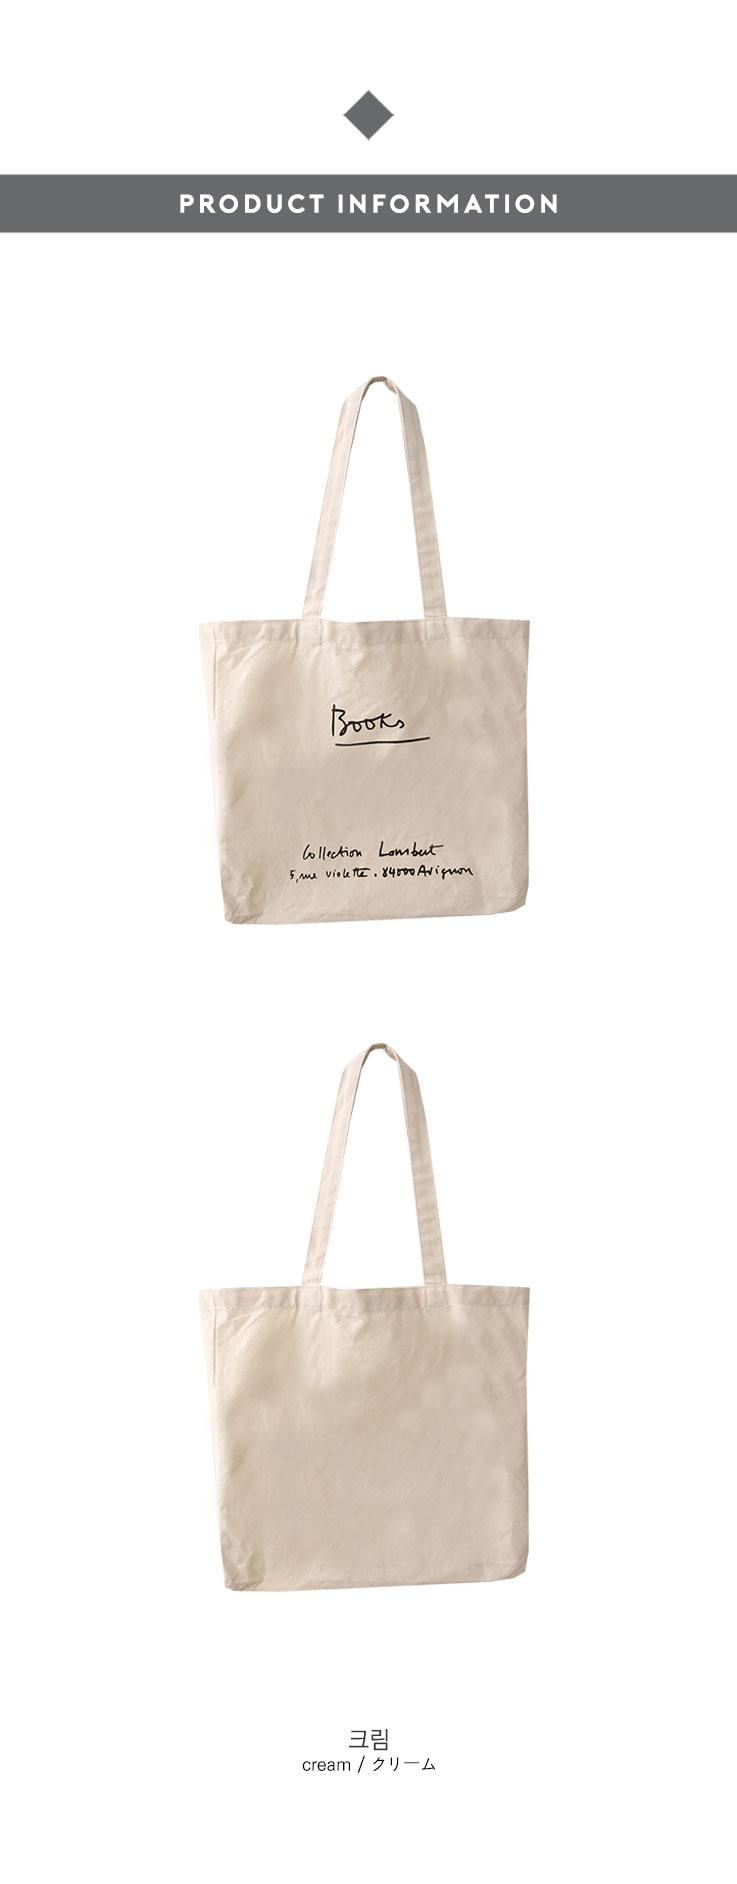 Book eco (bag)